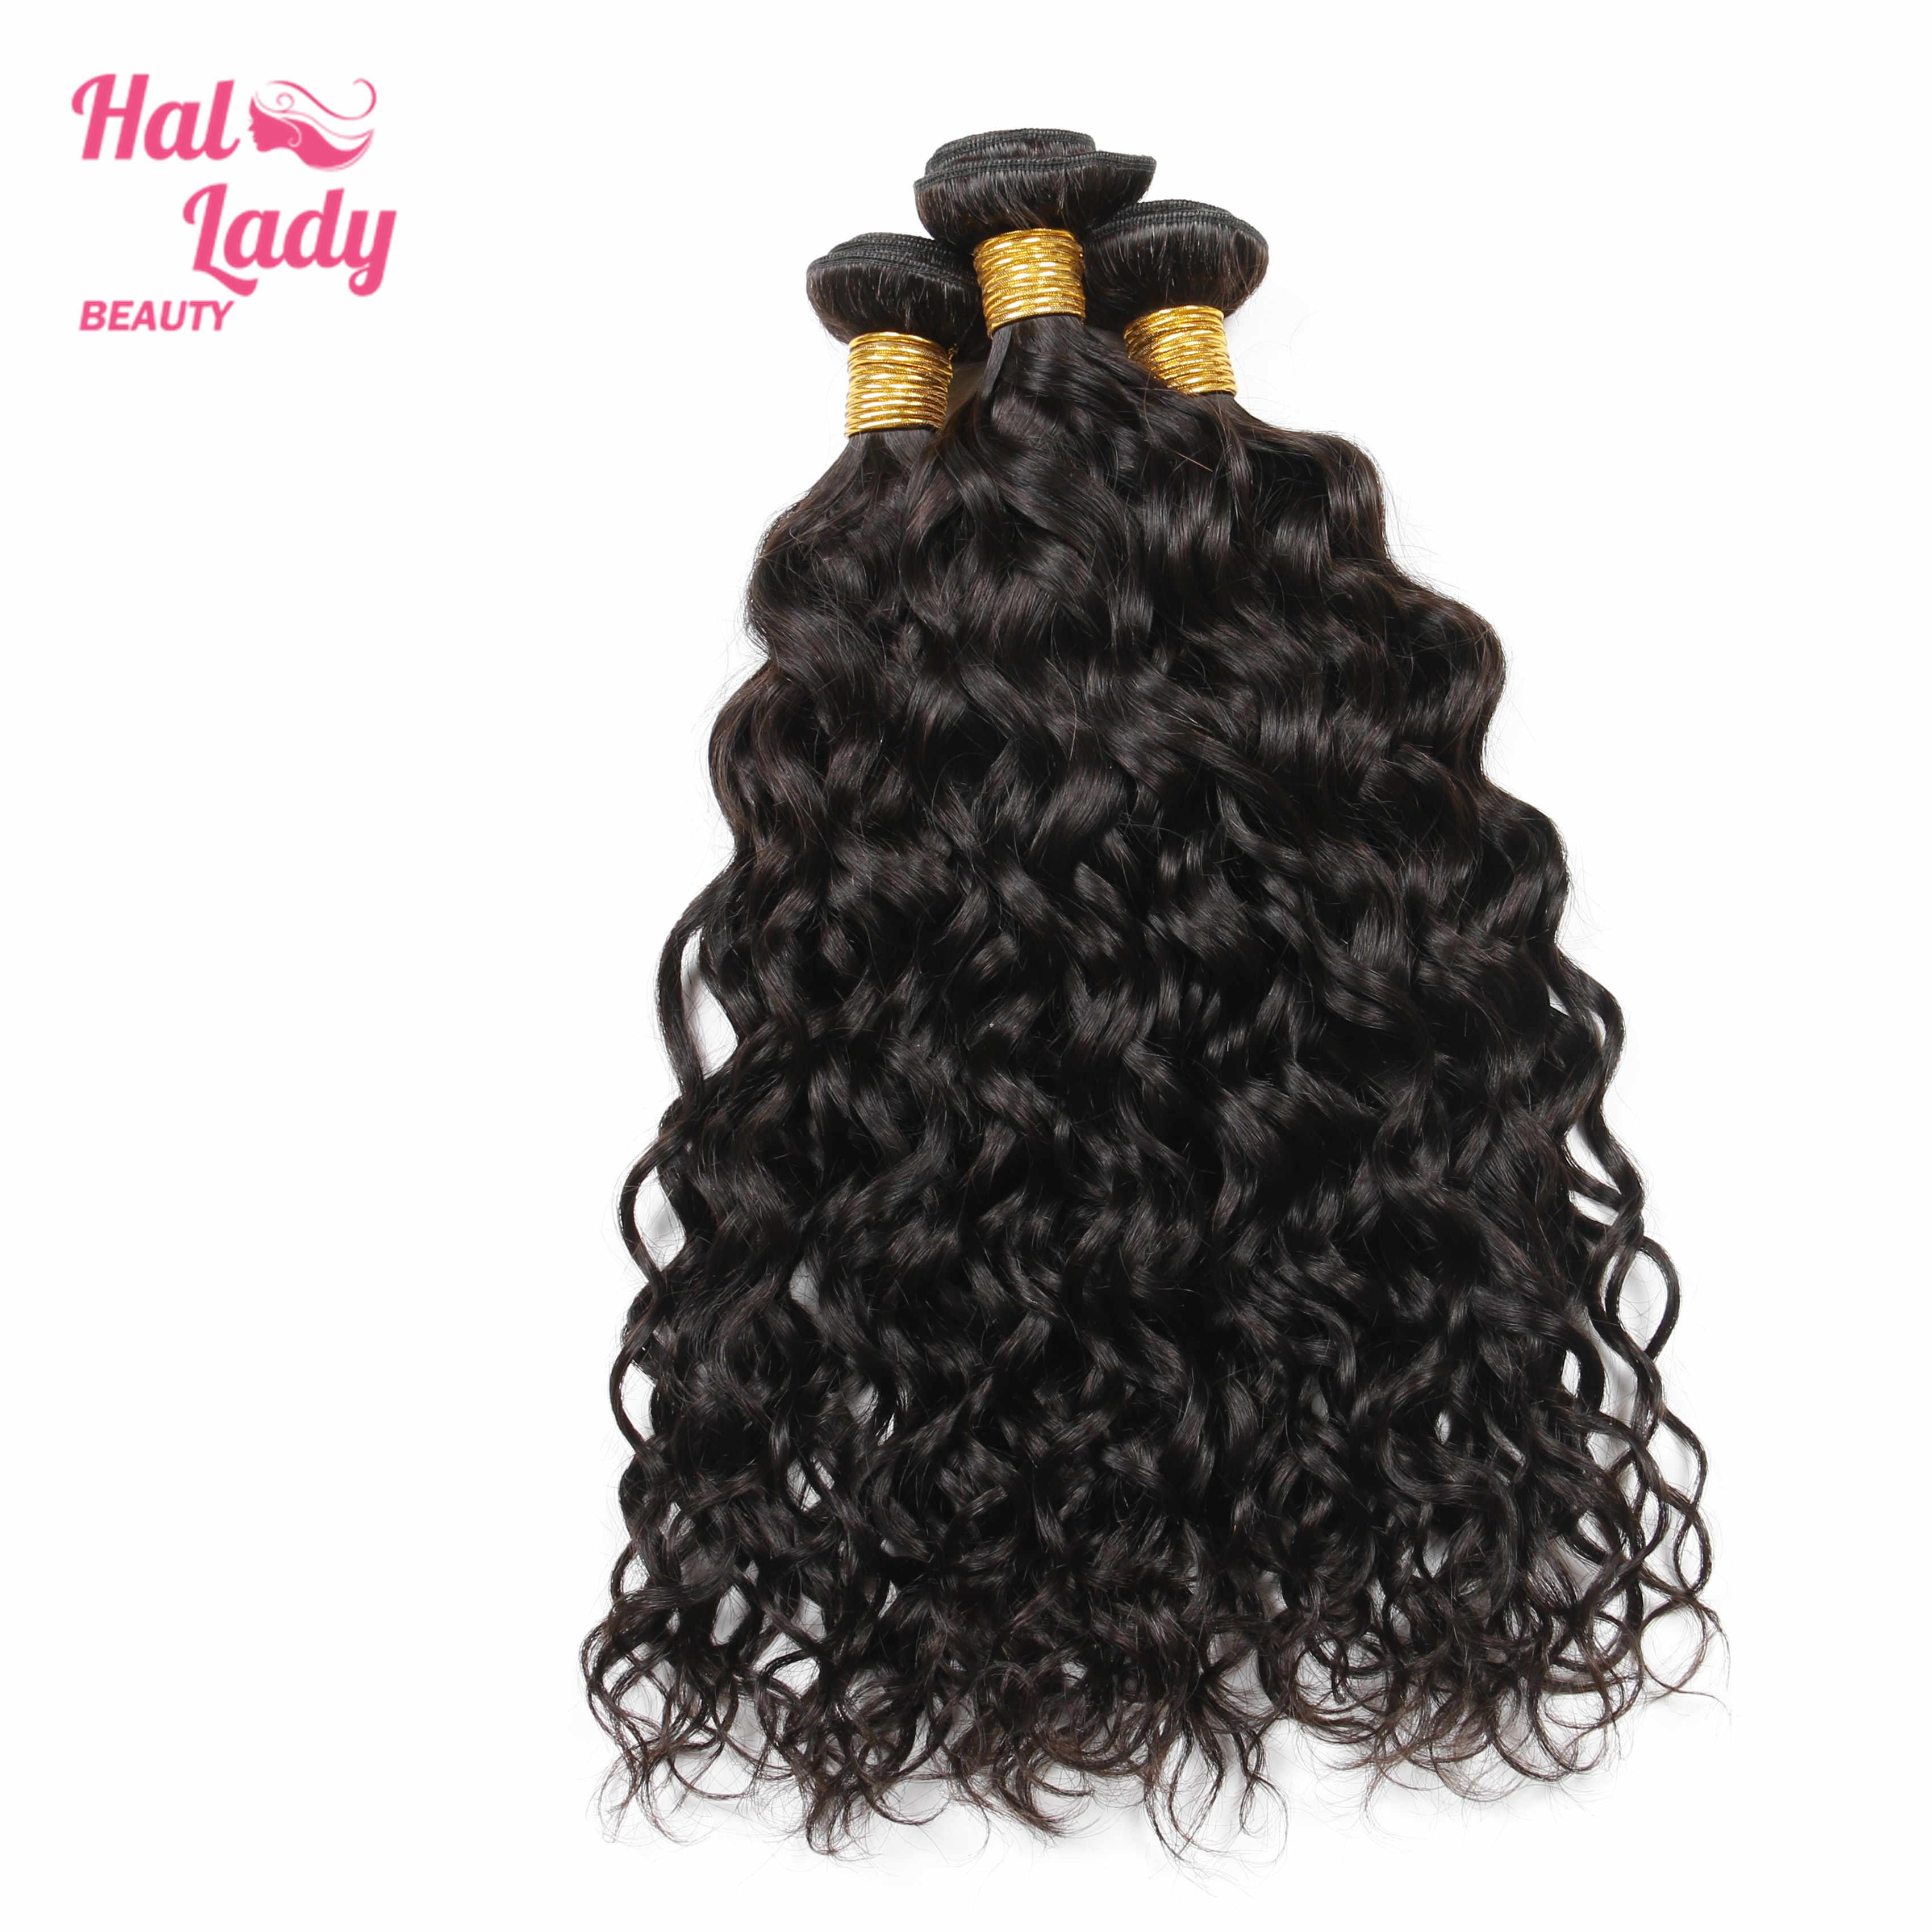 Halo Lady güzellik brezilyalı doğal su dalgalı saç örgüleri 22 24 26 inç insan saçı postiş 1 Bundle sadece olmayan Remy